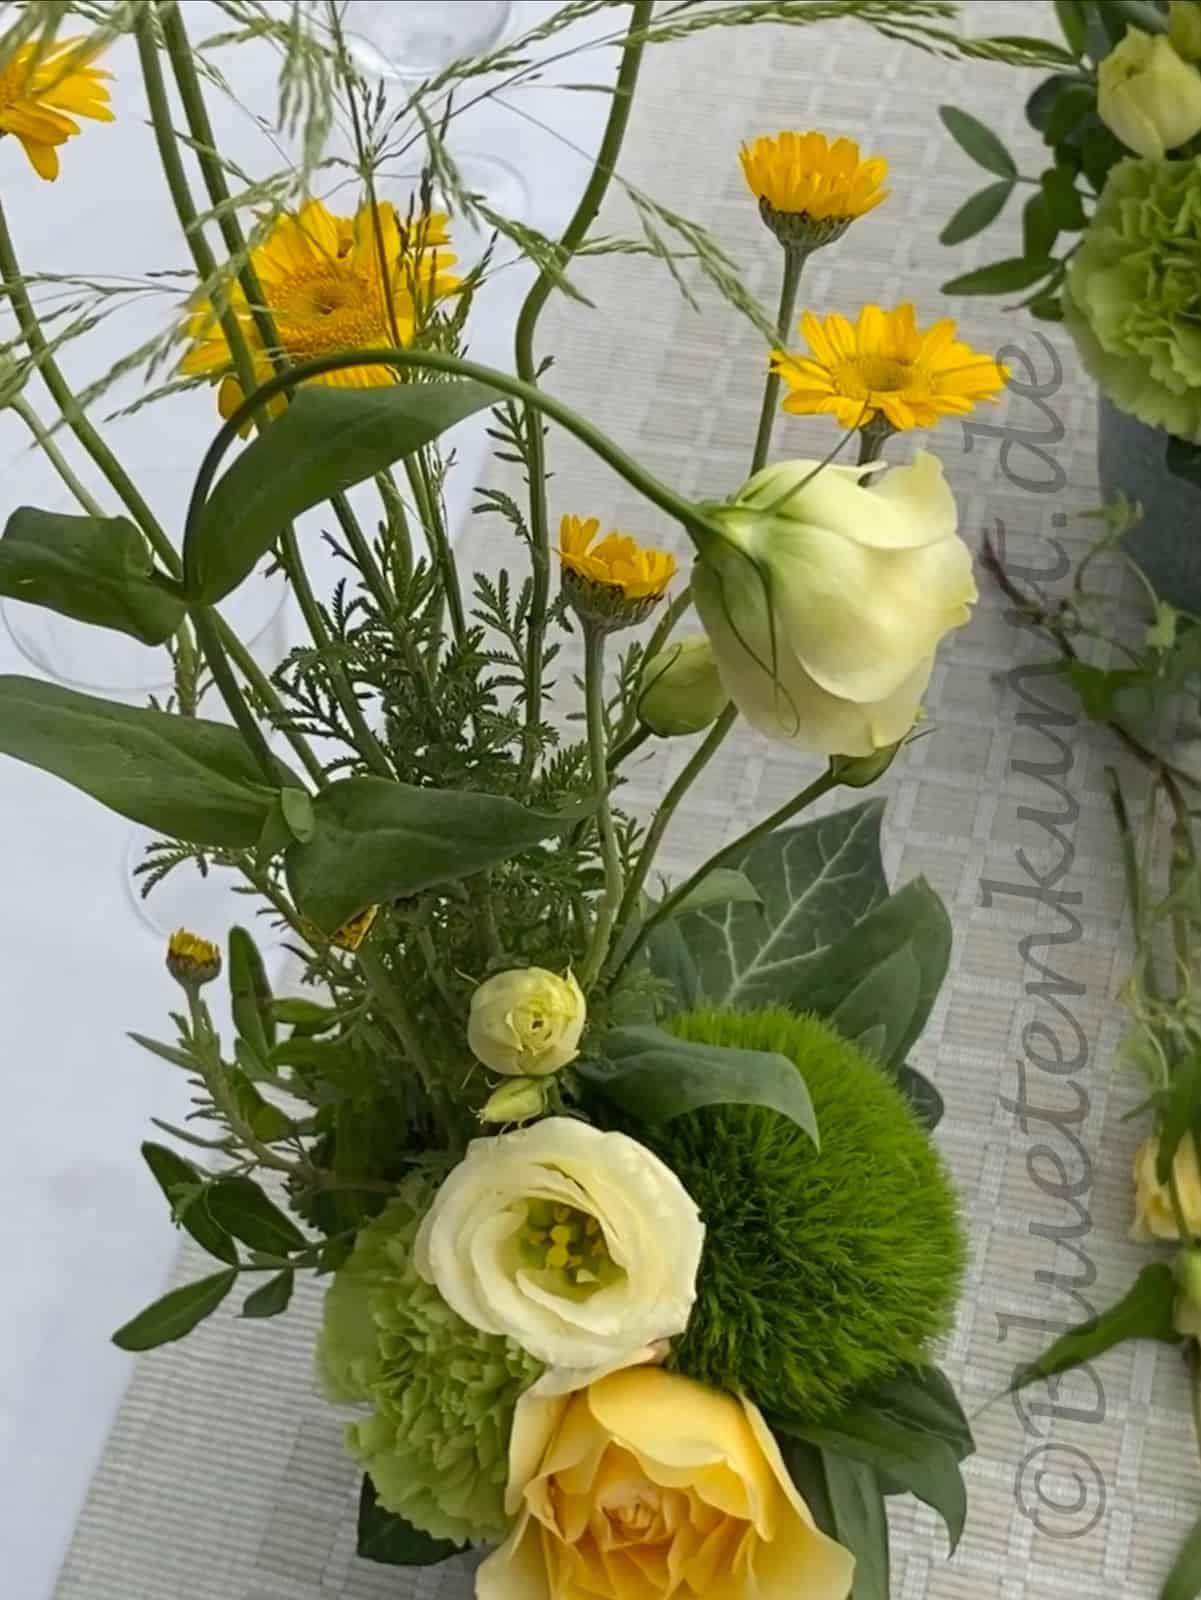 mal etwas anderes auf dem Tisch grüne Bartnelke mal anders, Blütenkunst aus Pörnbach